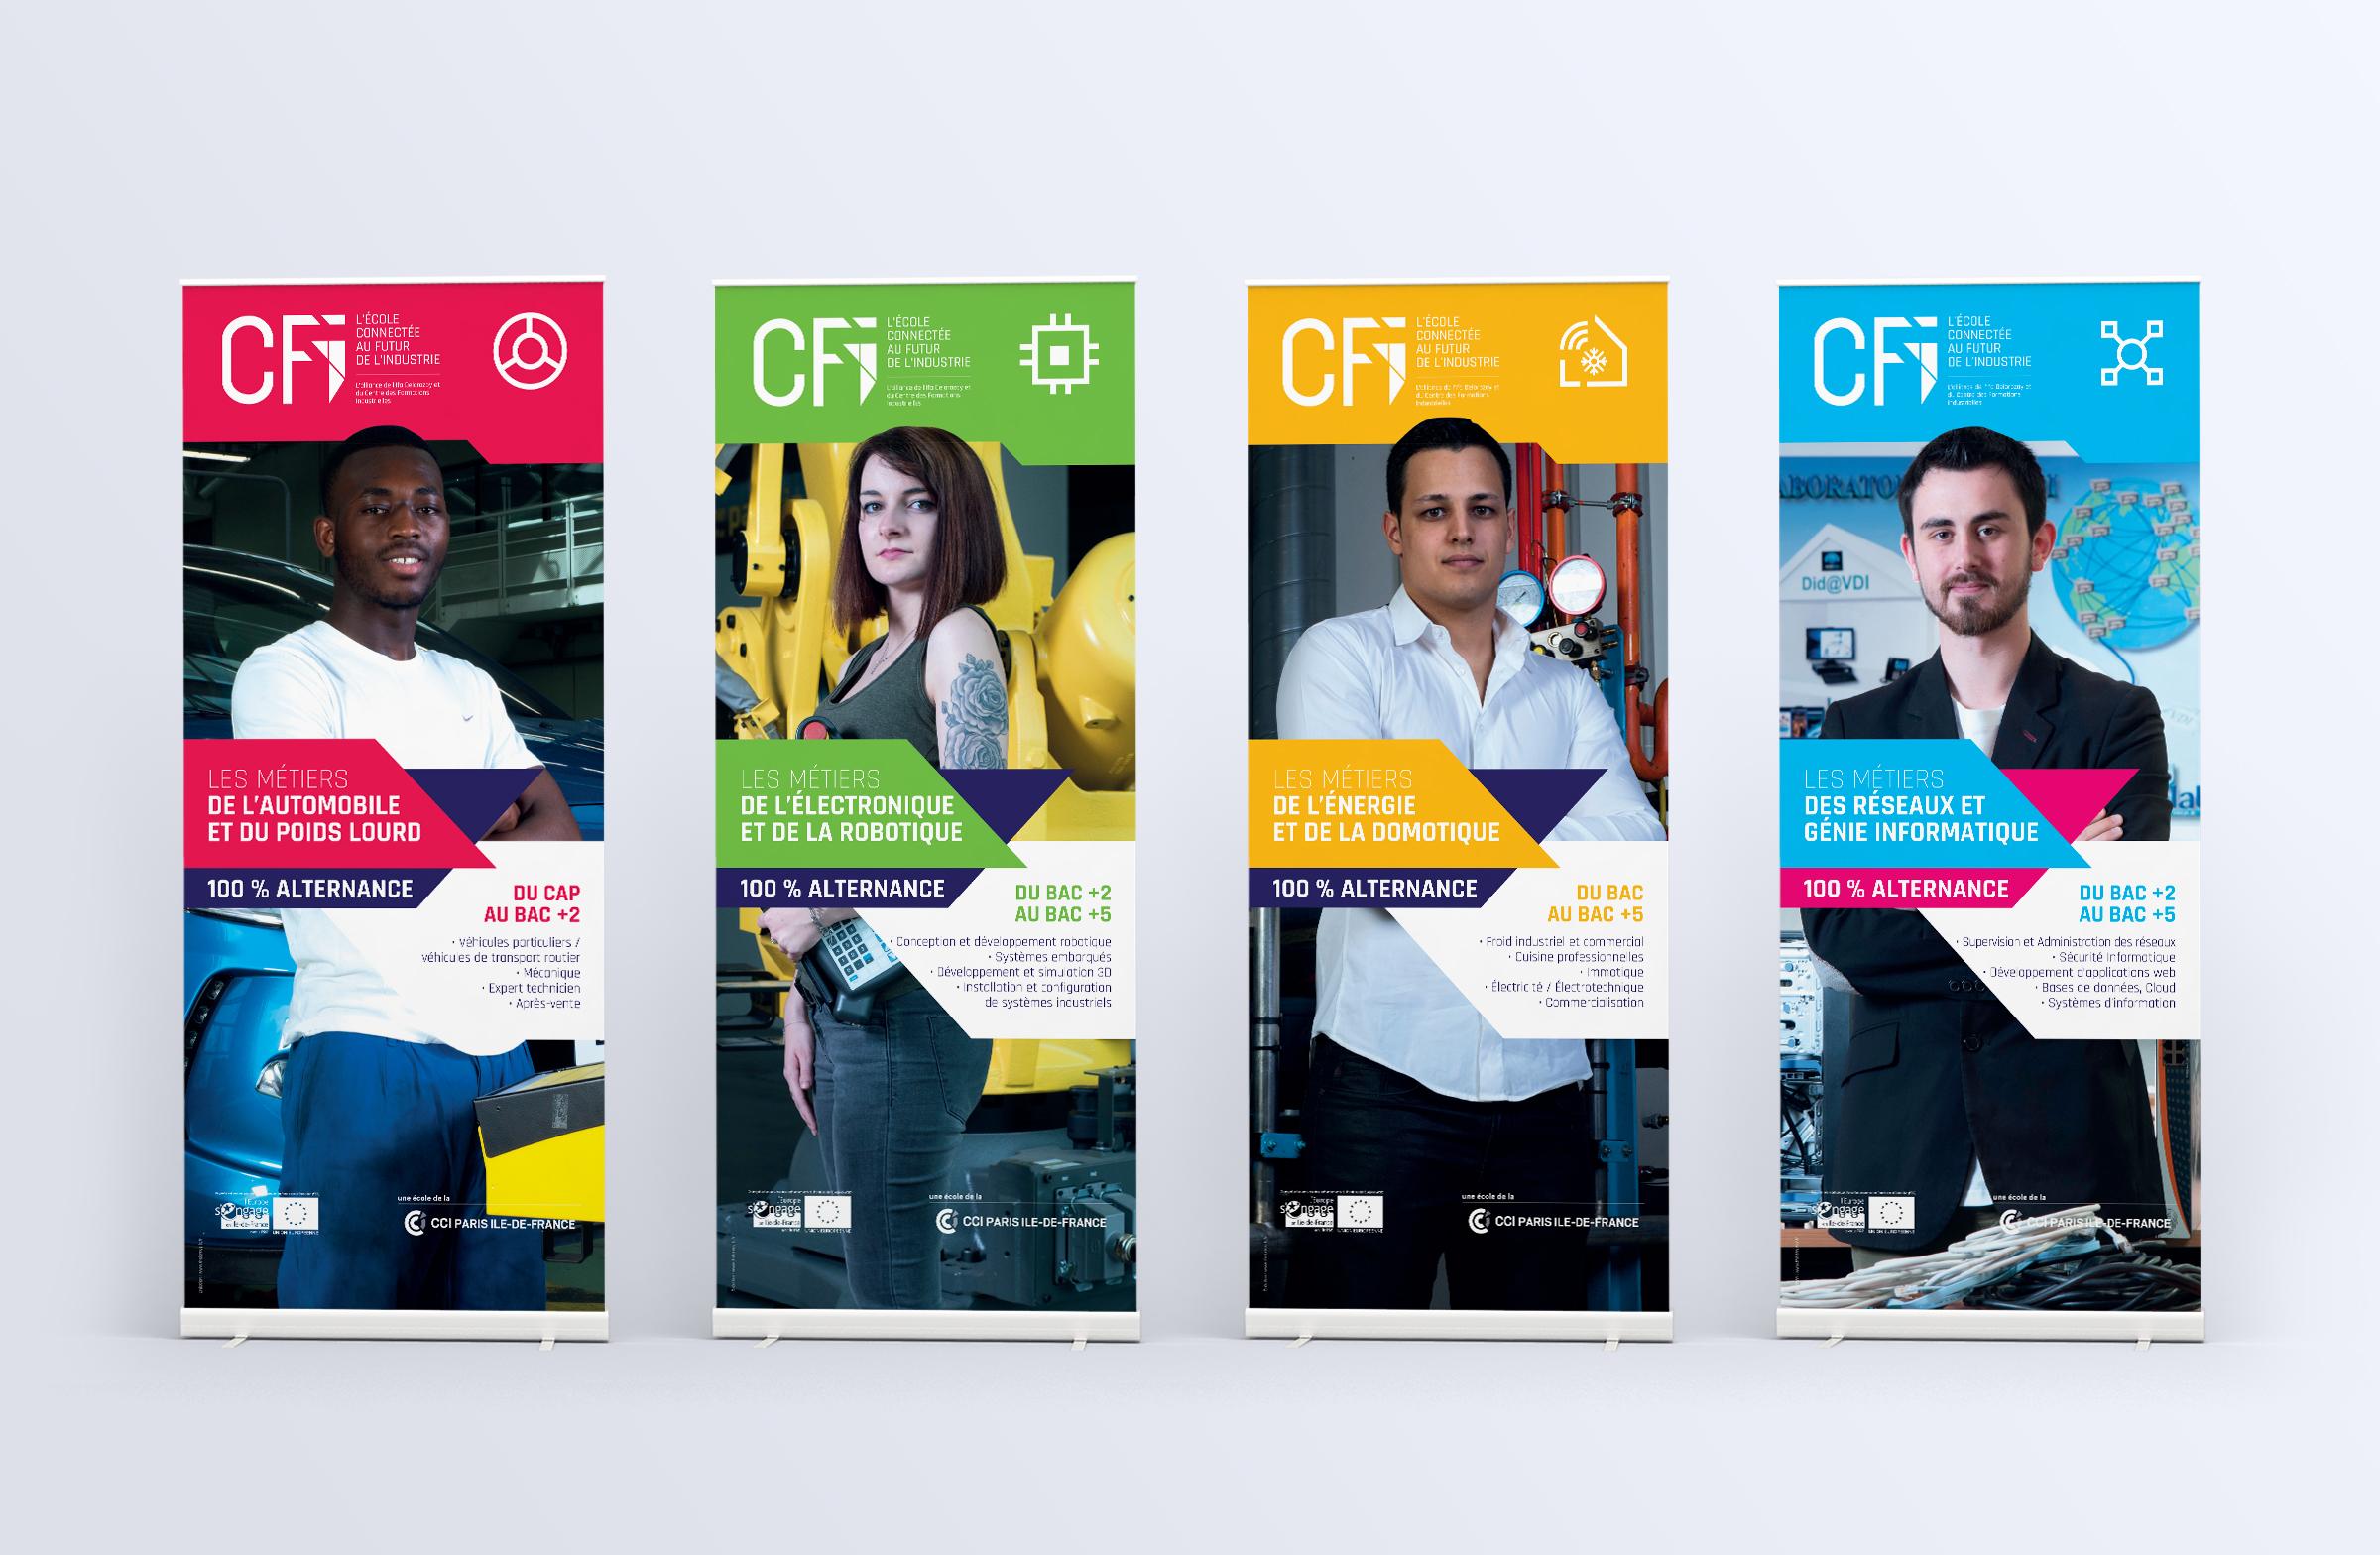 Création kakémonos CFI